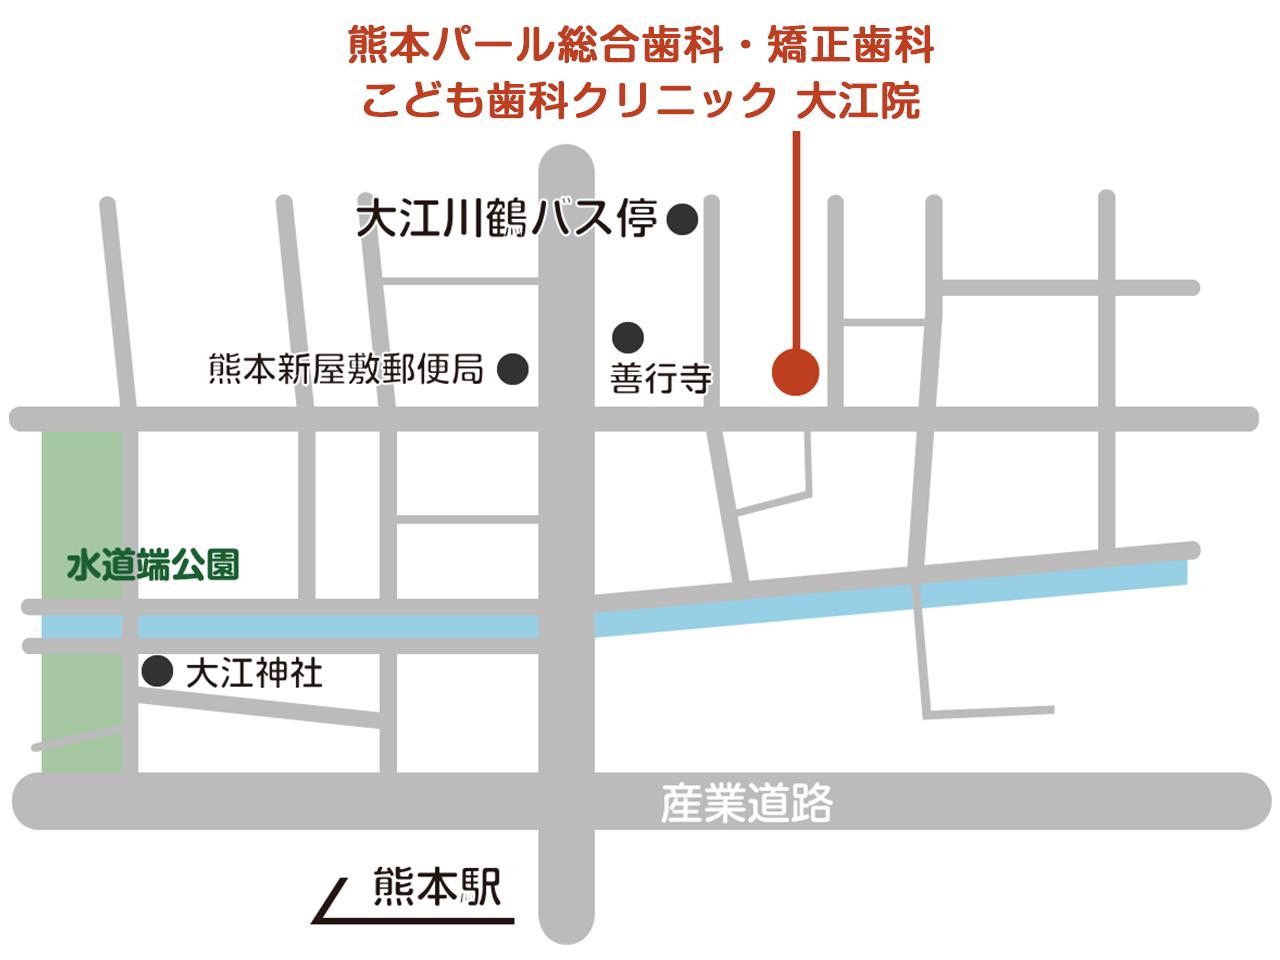 熊本パール総合歯科・矯正歯科・こども歯科クリニック大江院へのアクセスマップ